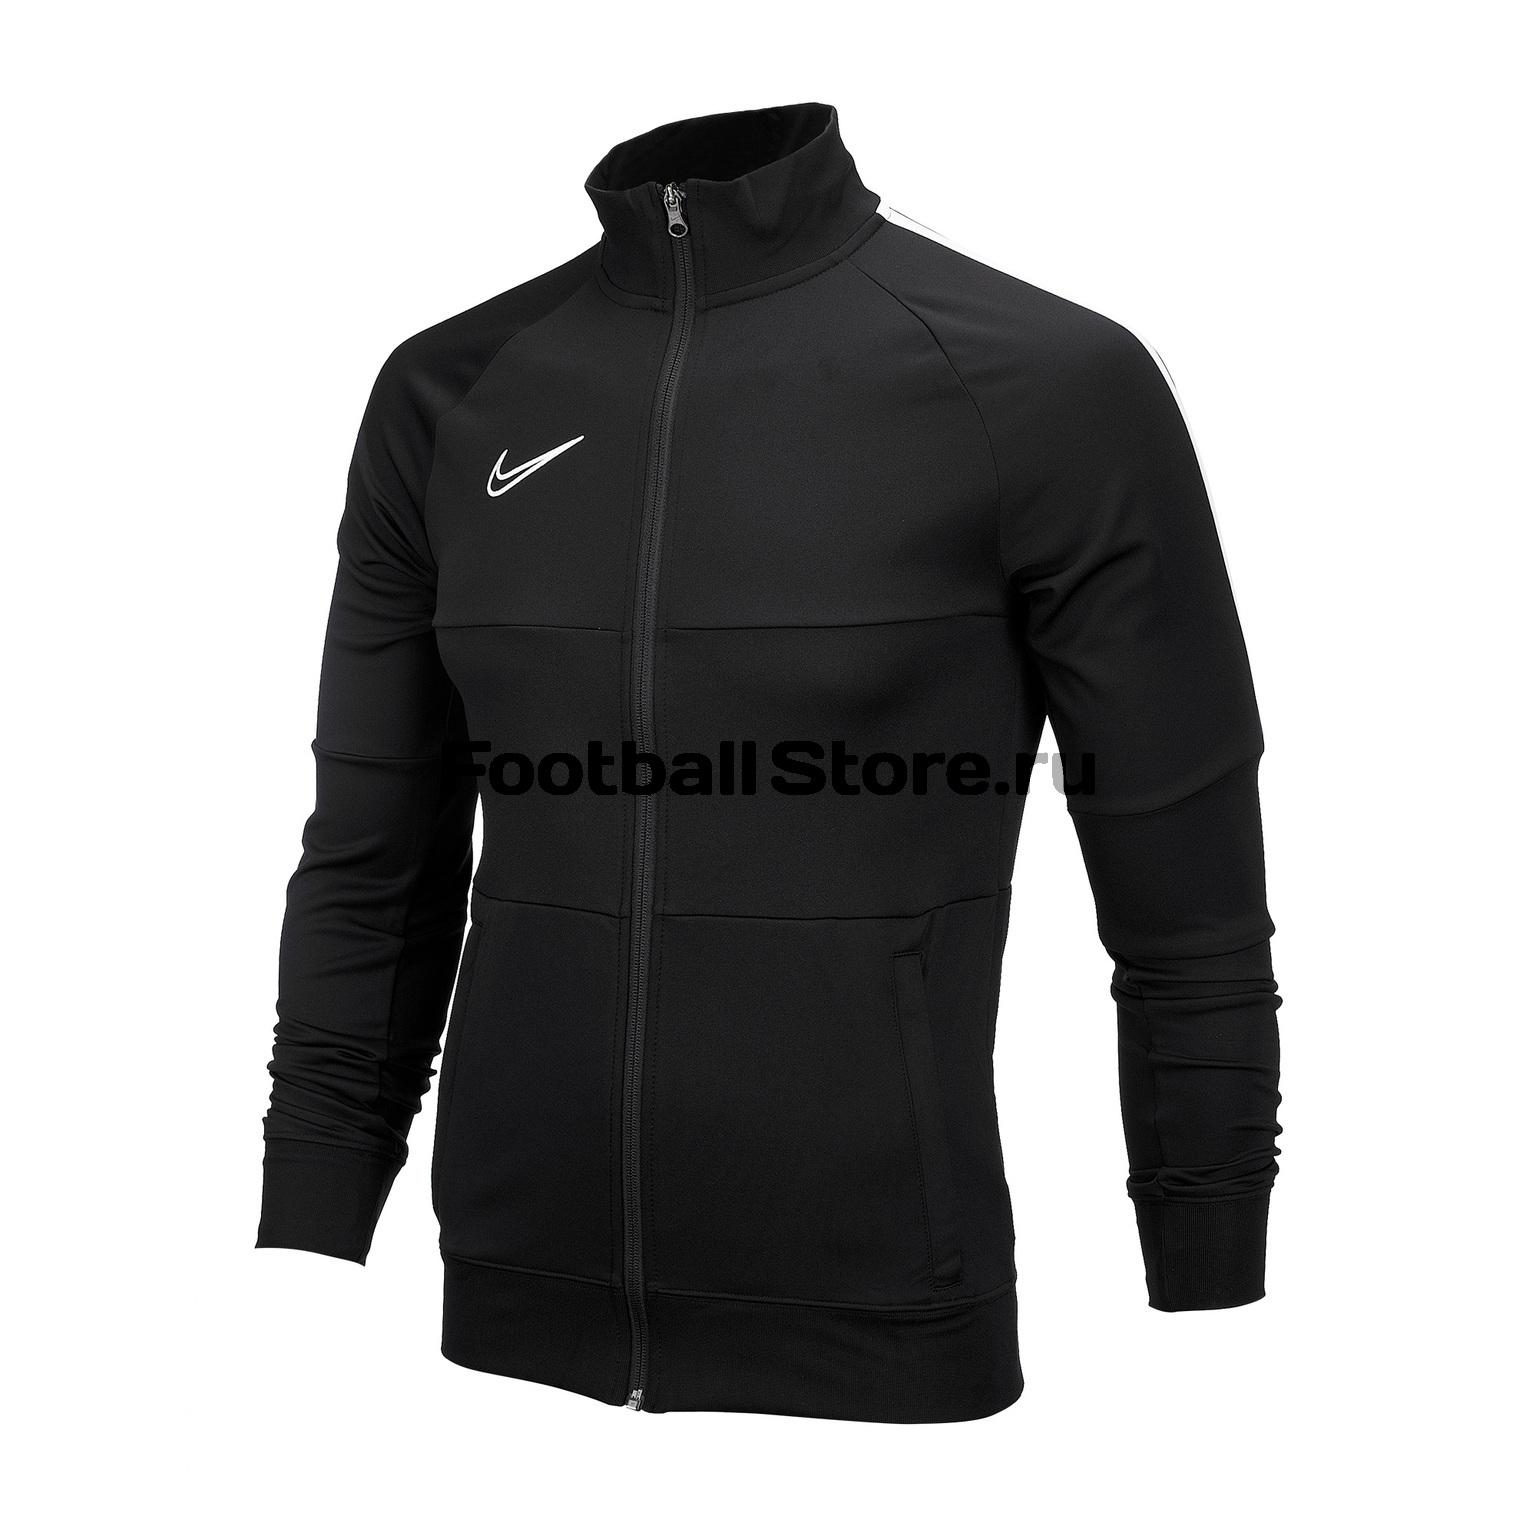 Олимпийка Nike Dry Academy19 TRK JKT AJ9180-010 цена